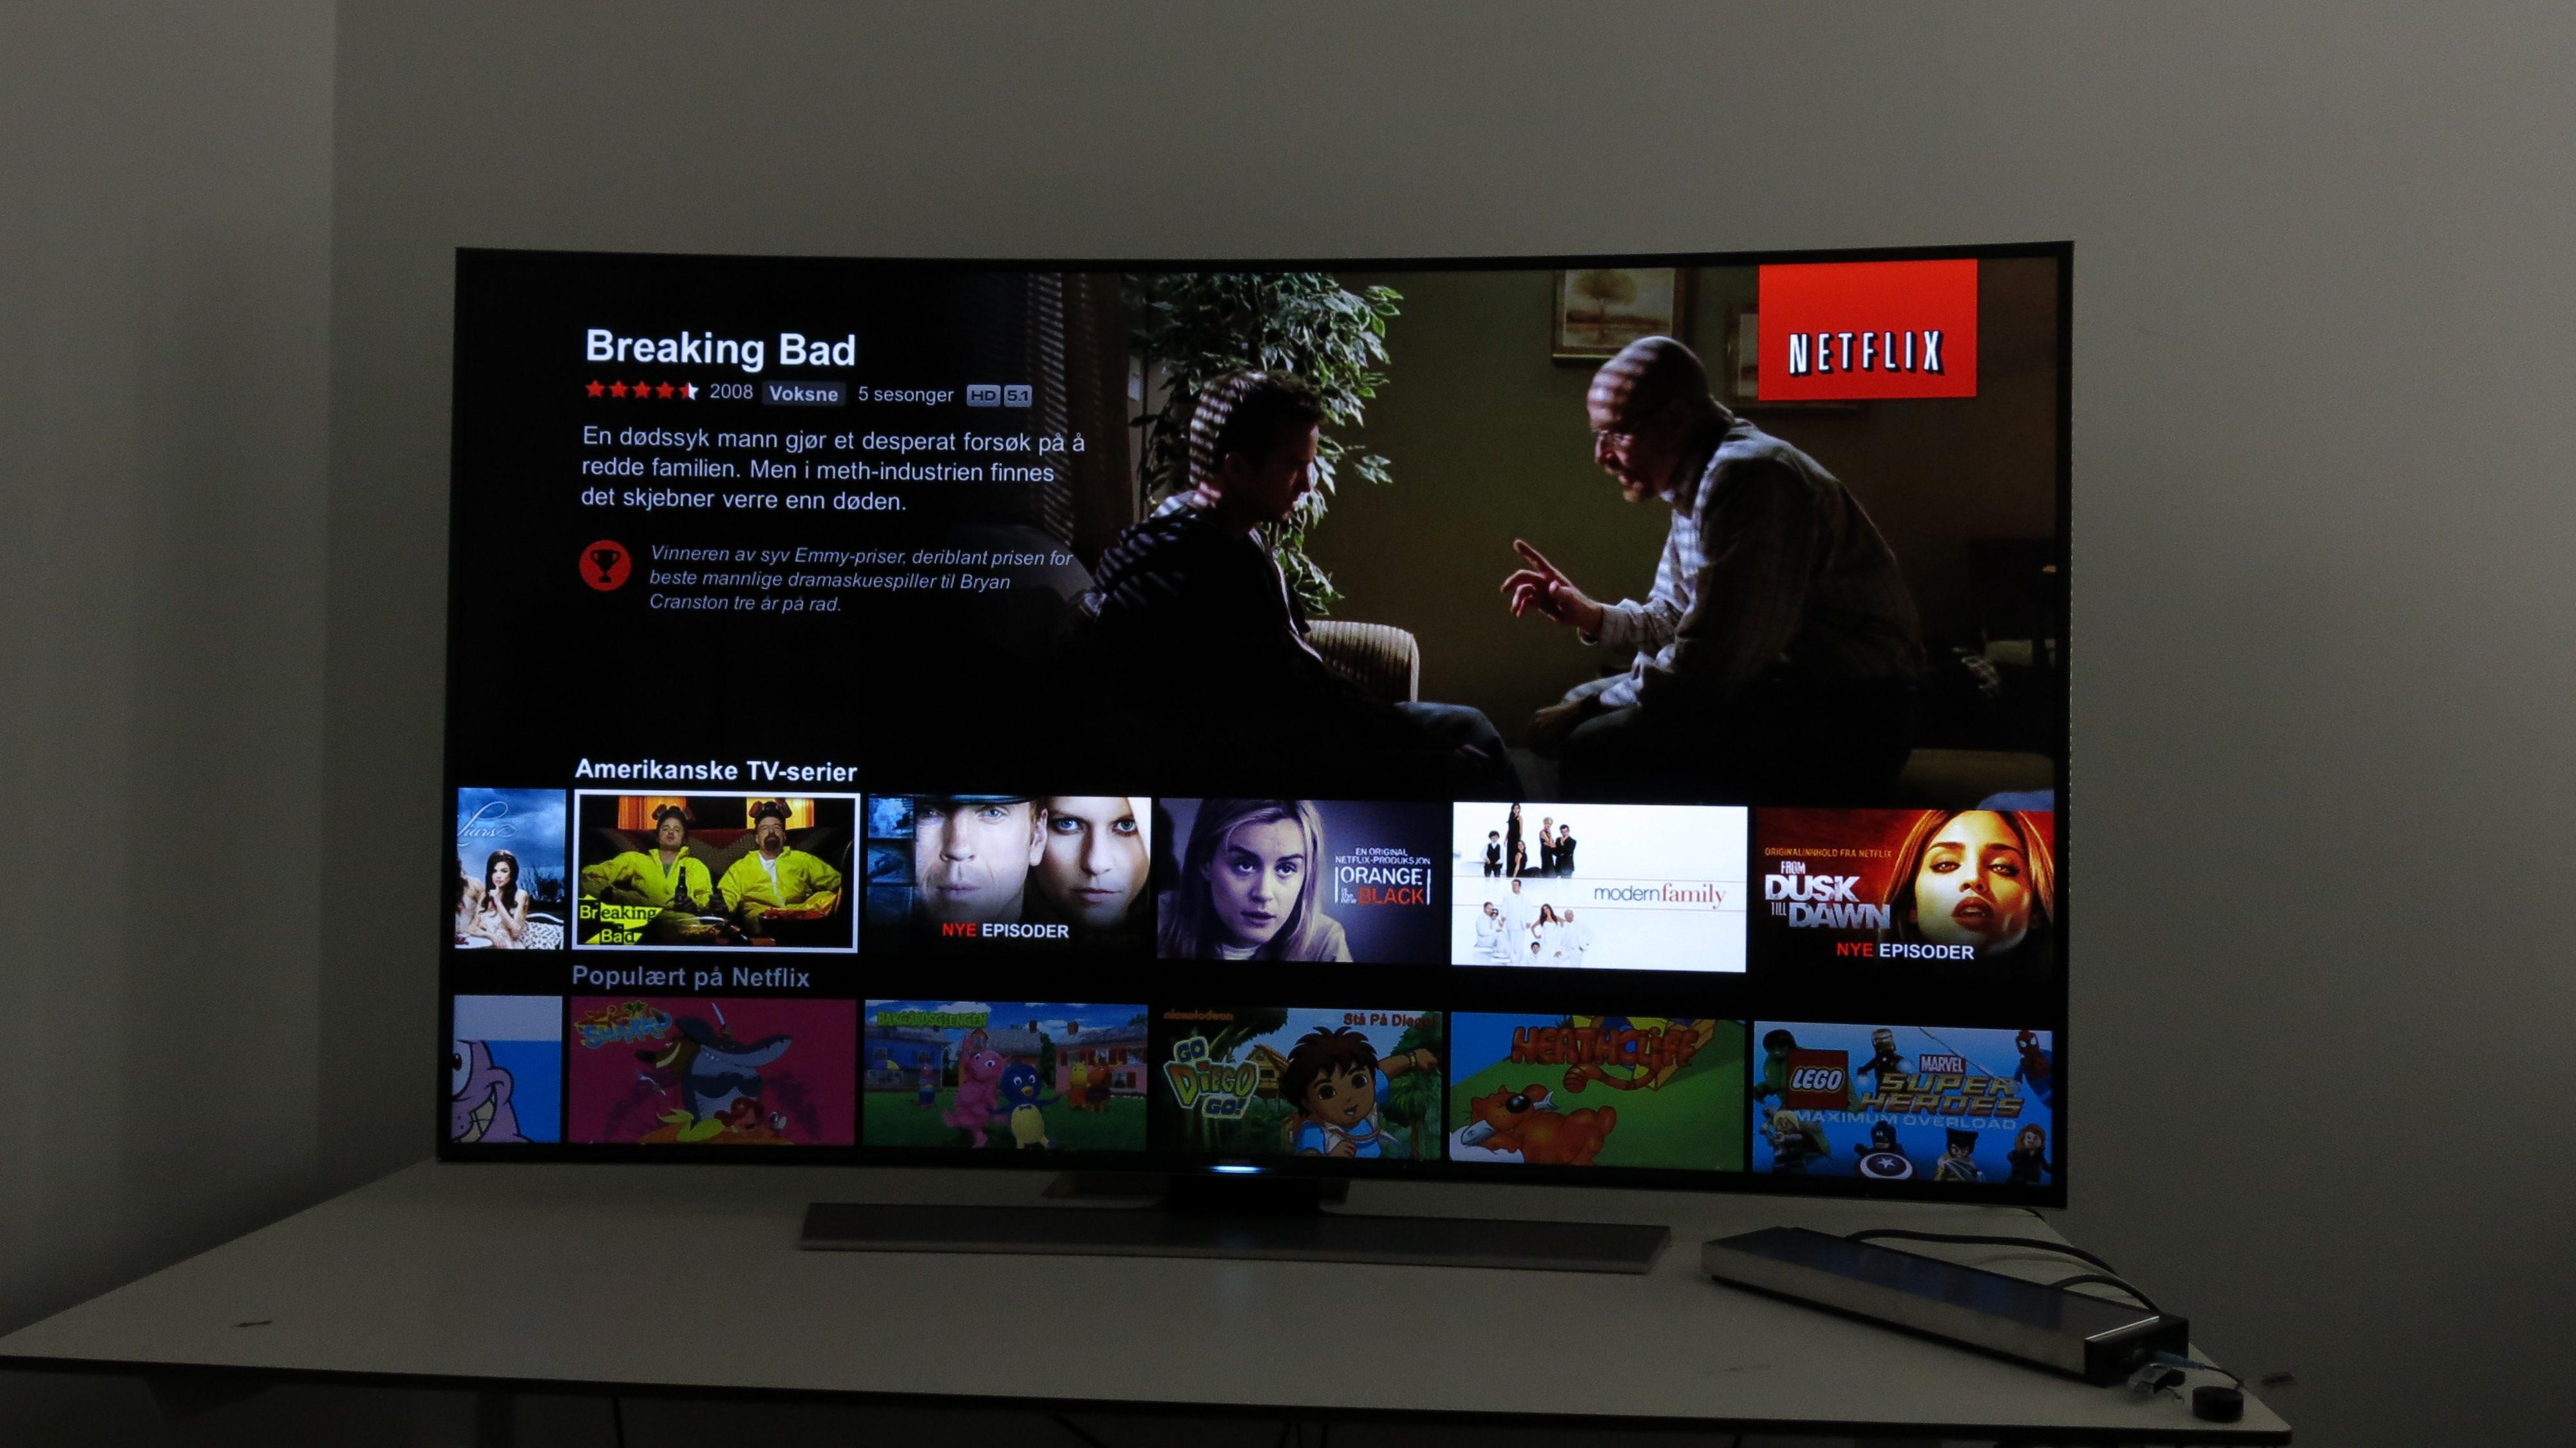 Slik ser grensesnittet ut i den nye Netflix-appen. .Foto: Ole Henrik Johansen / Hardware.no